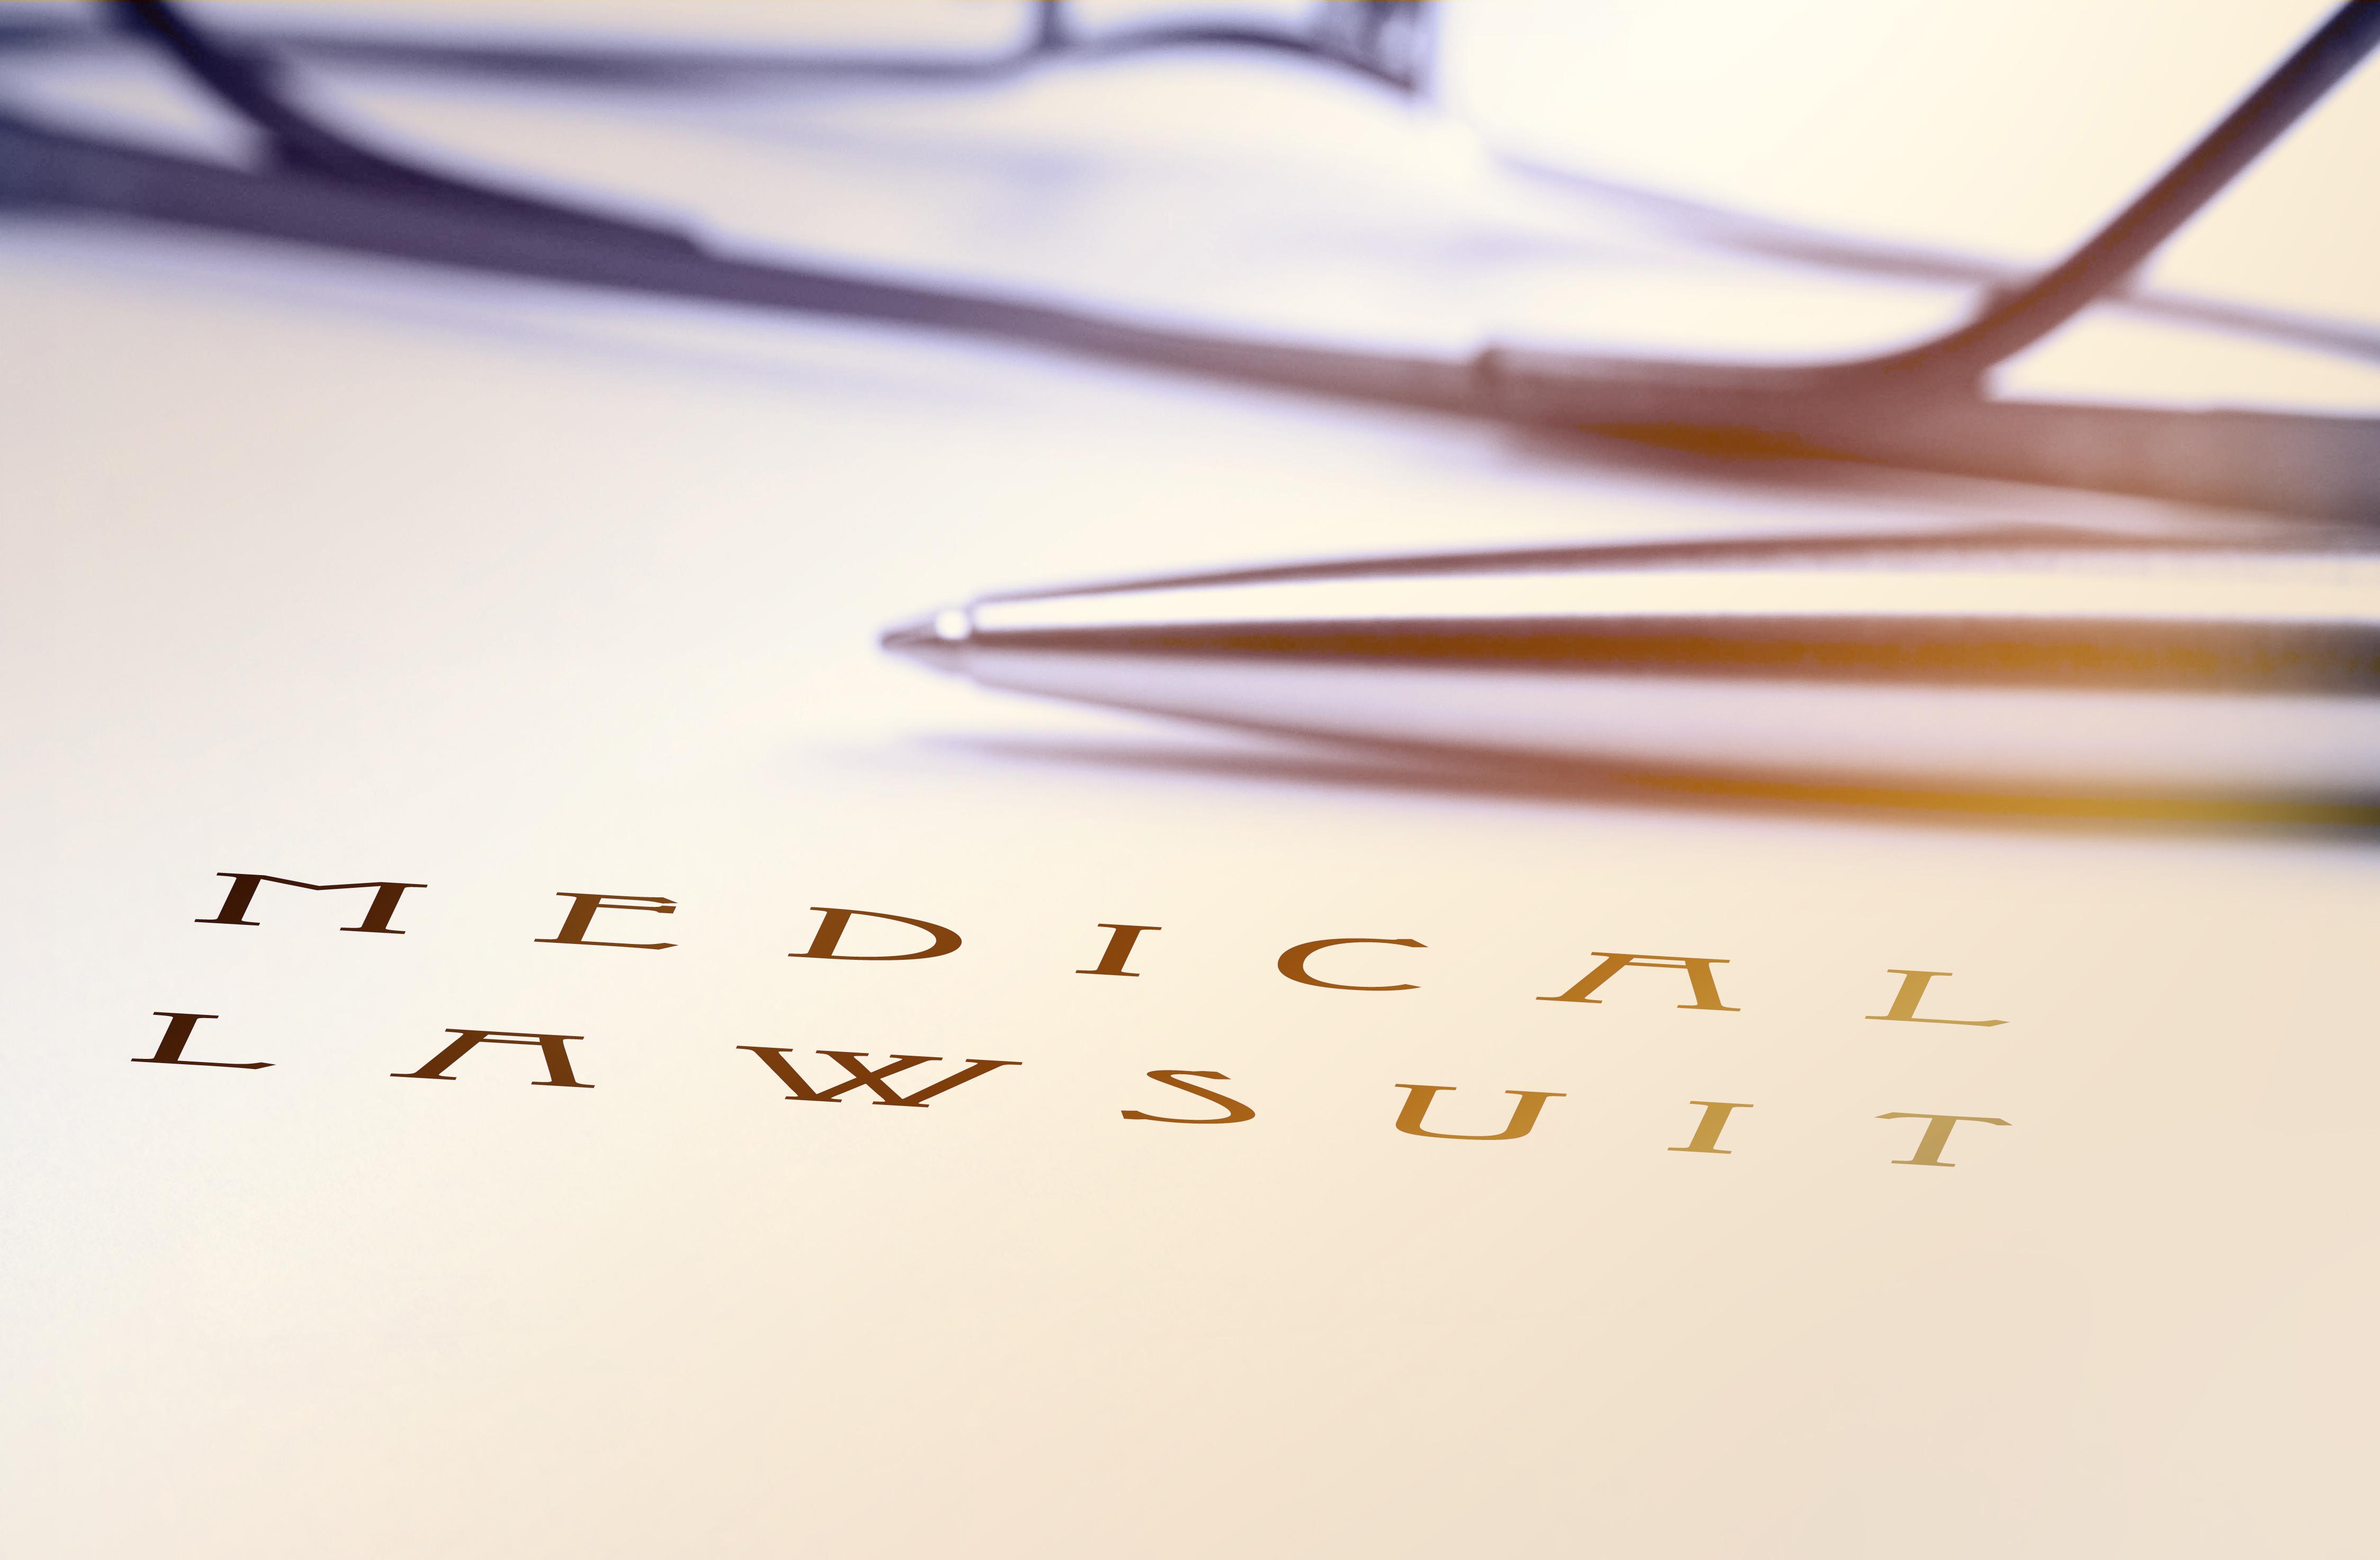 Malpractice Lawyer, Malpractice Lawyers, Medical Malpractice Lawyer